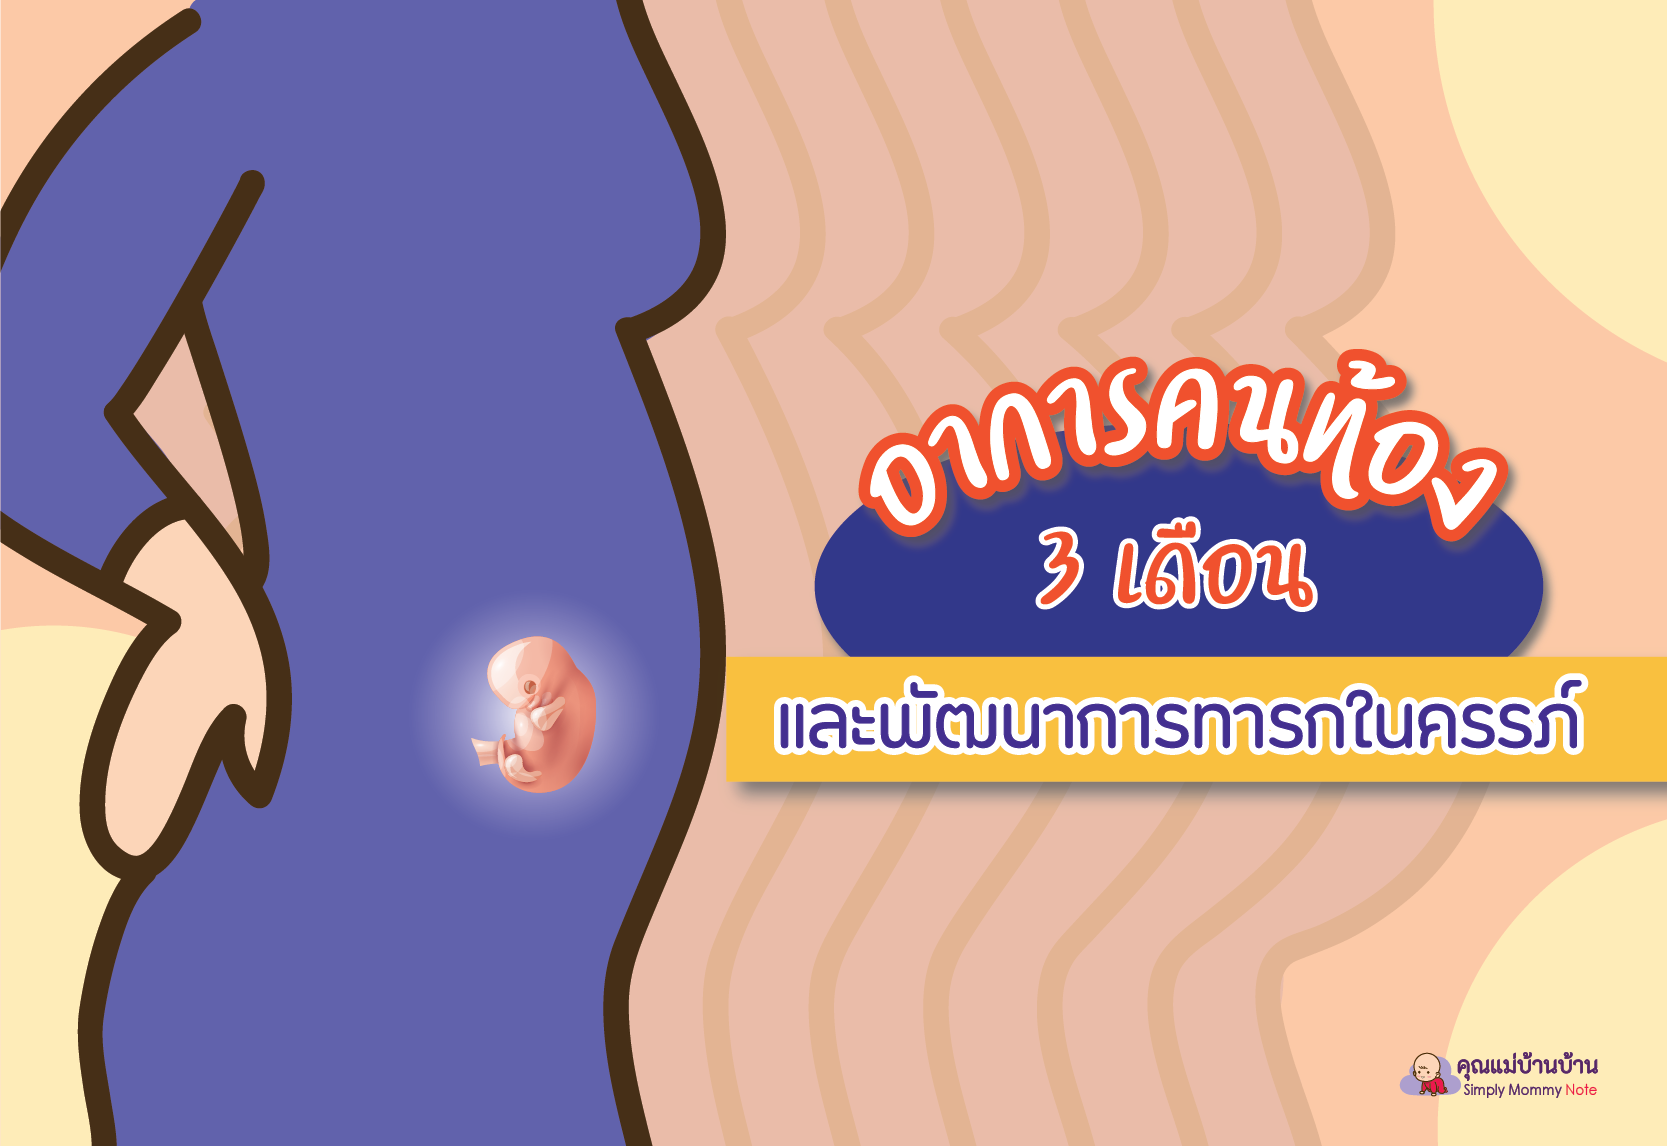 อาการคนท้อง 3 เดือน และพัฒนาการทารกในครรภ์